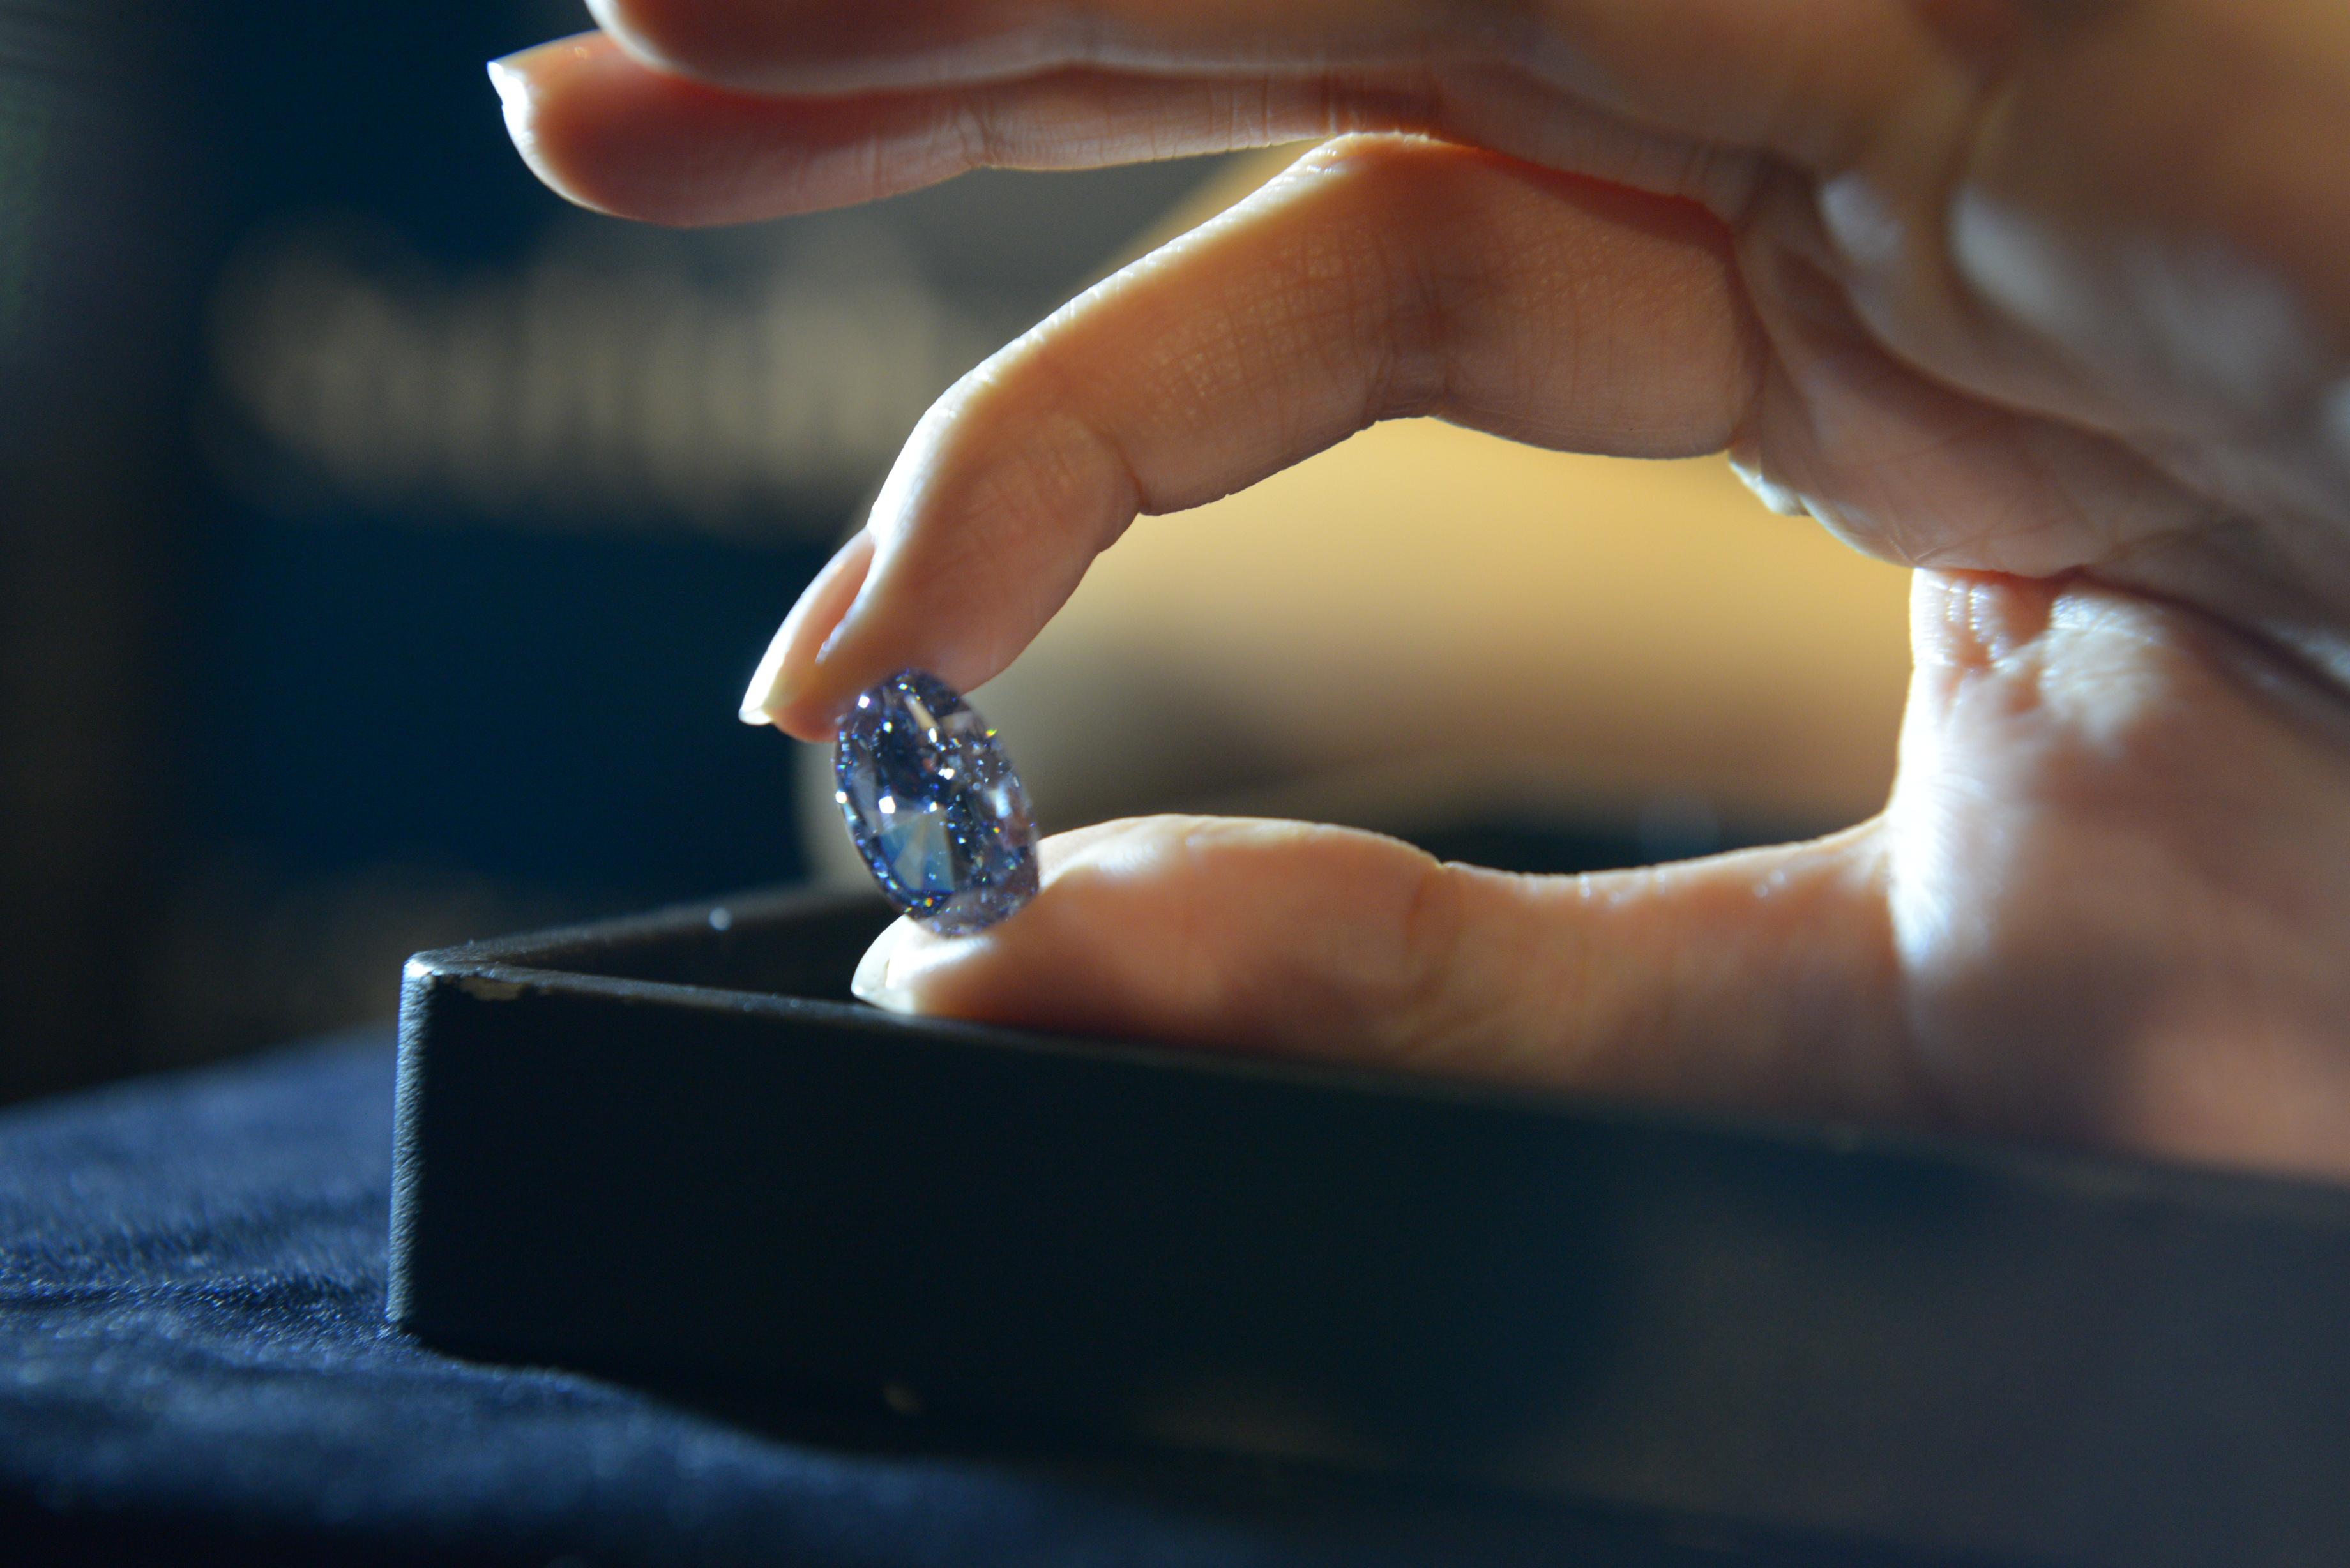 160322145532-rare-blue-diamond.jpg